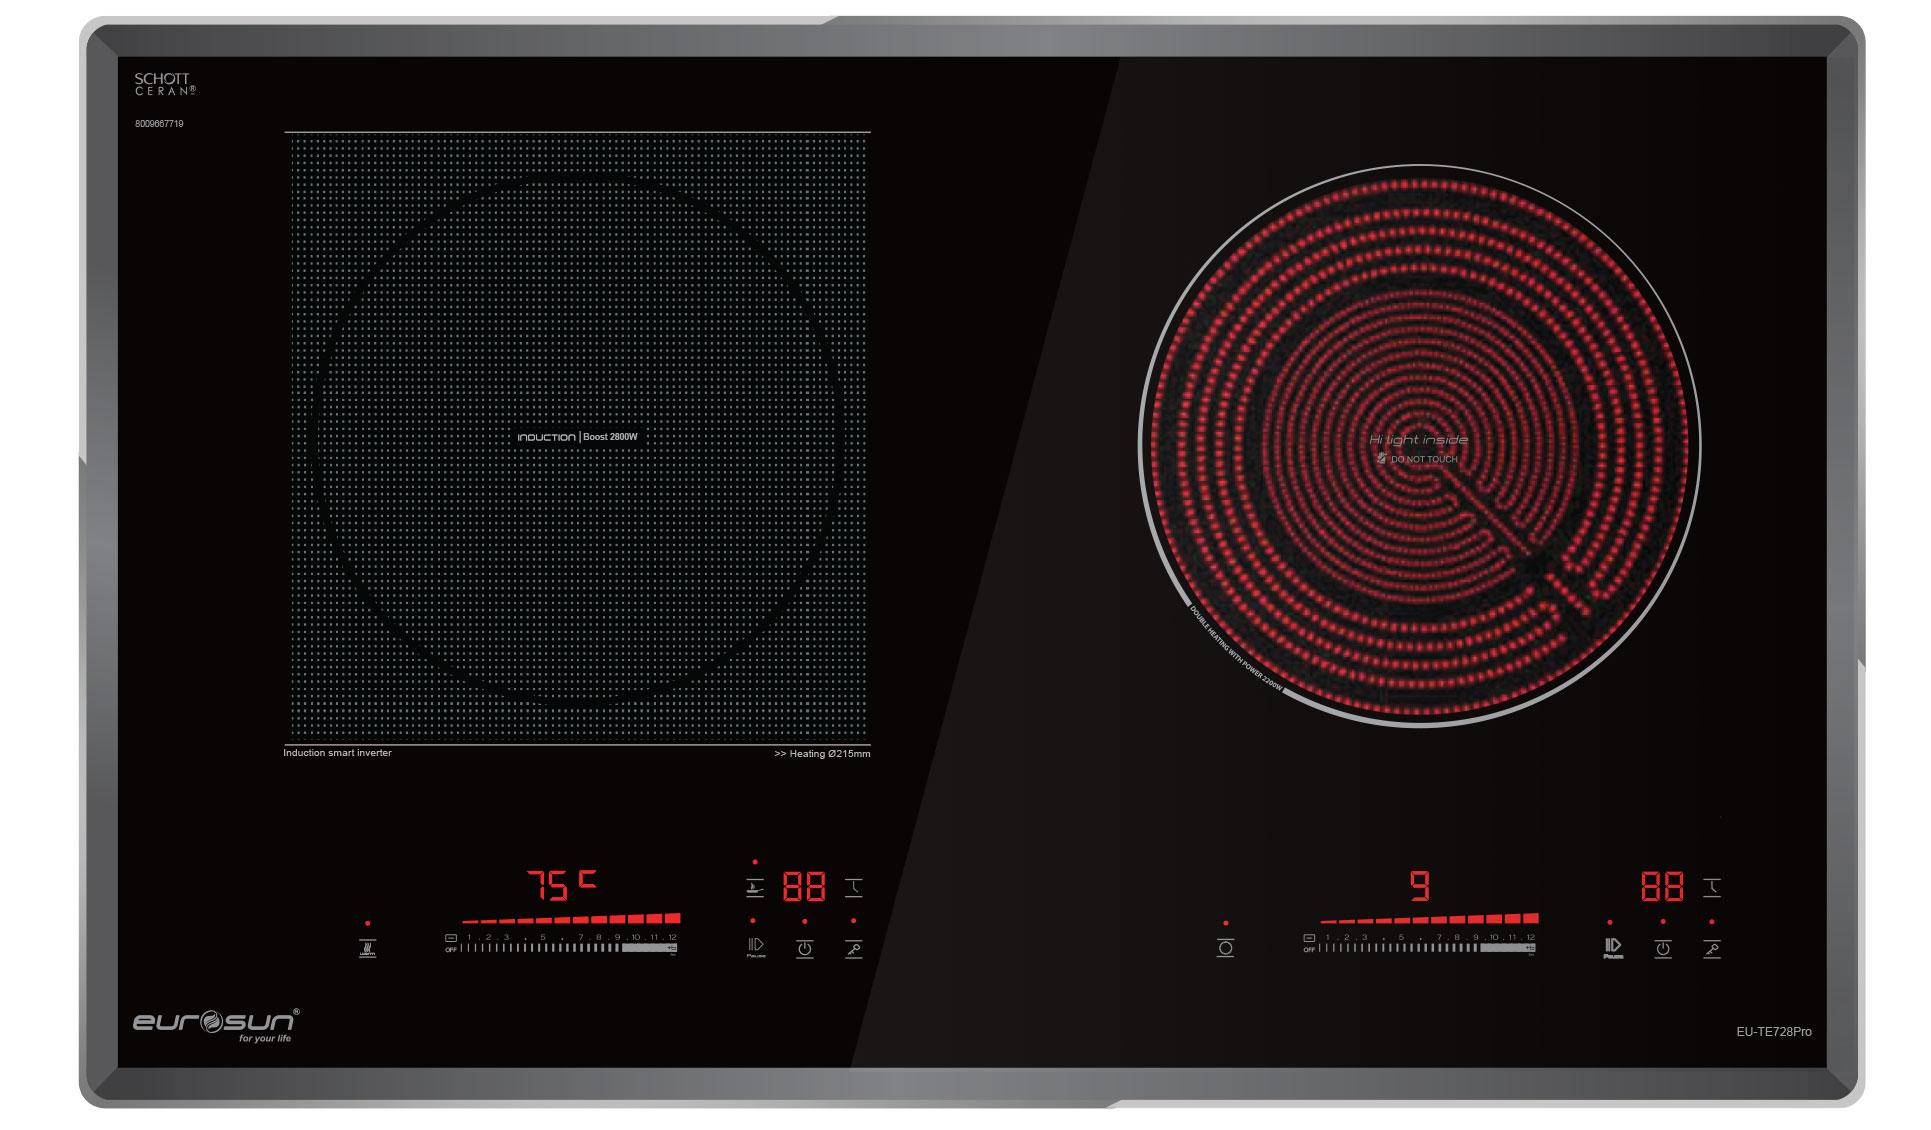 Bếp điện từ đôi Eurosun EU-TE728Pro sẽ là sự lựa chọn tuyệt vời cho căn bếp nhà bạn